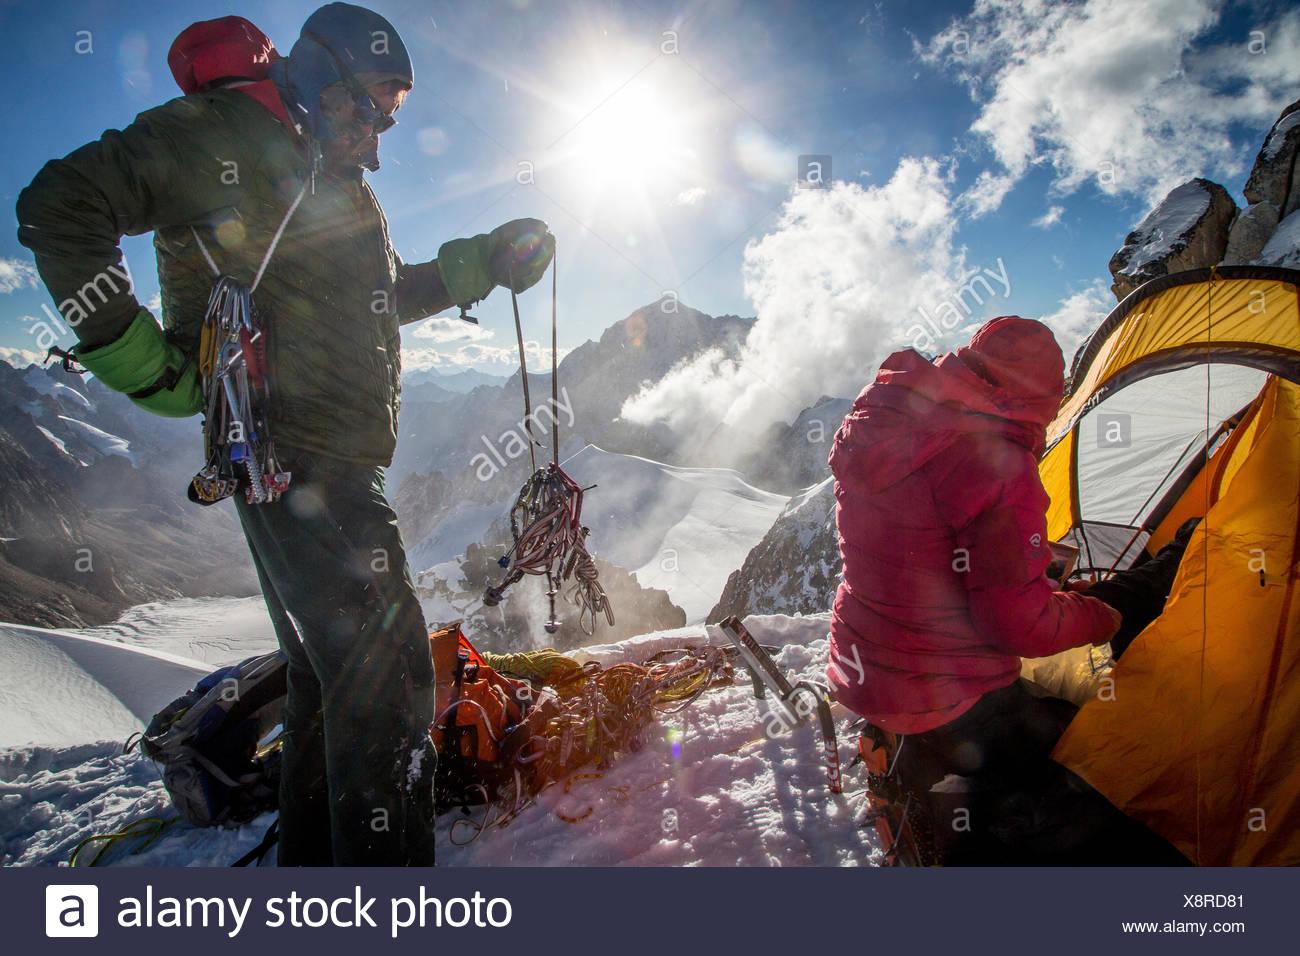 Los montañistas verificar su marcha sobre una expedición a cumbre Hkakabo Razi. Imagen De Stock